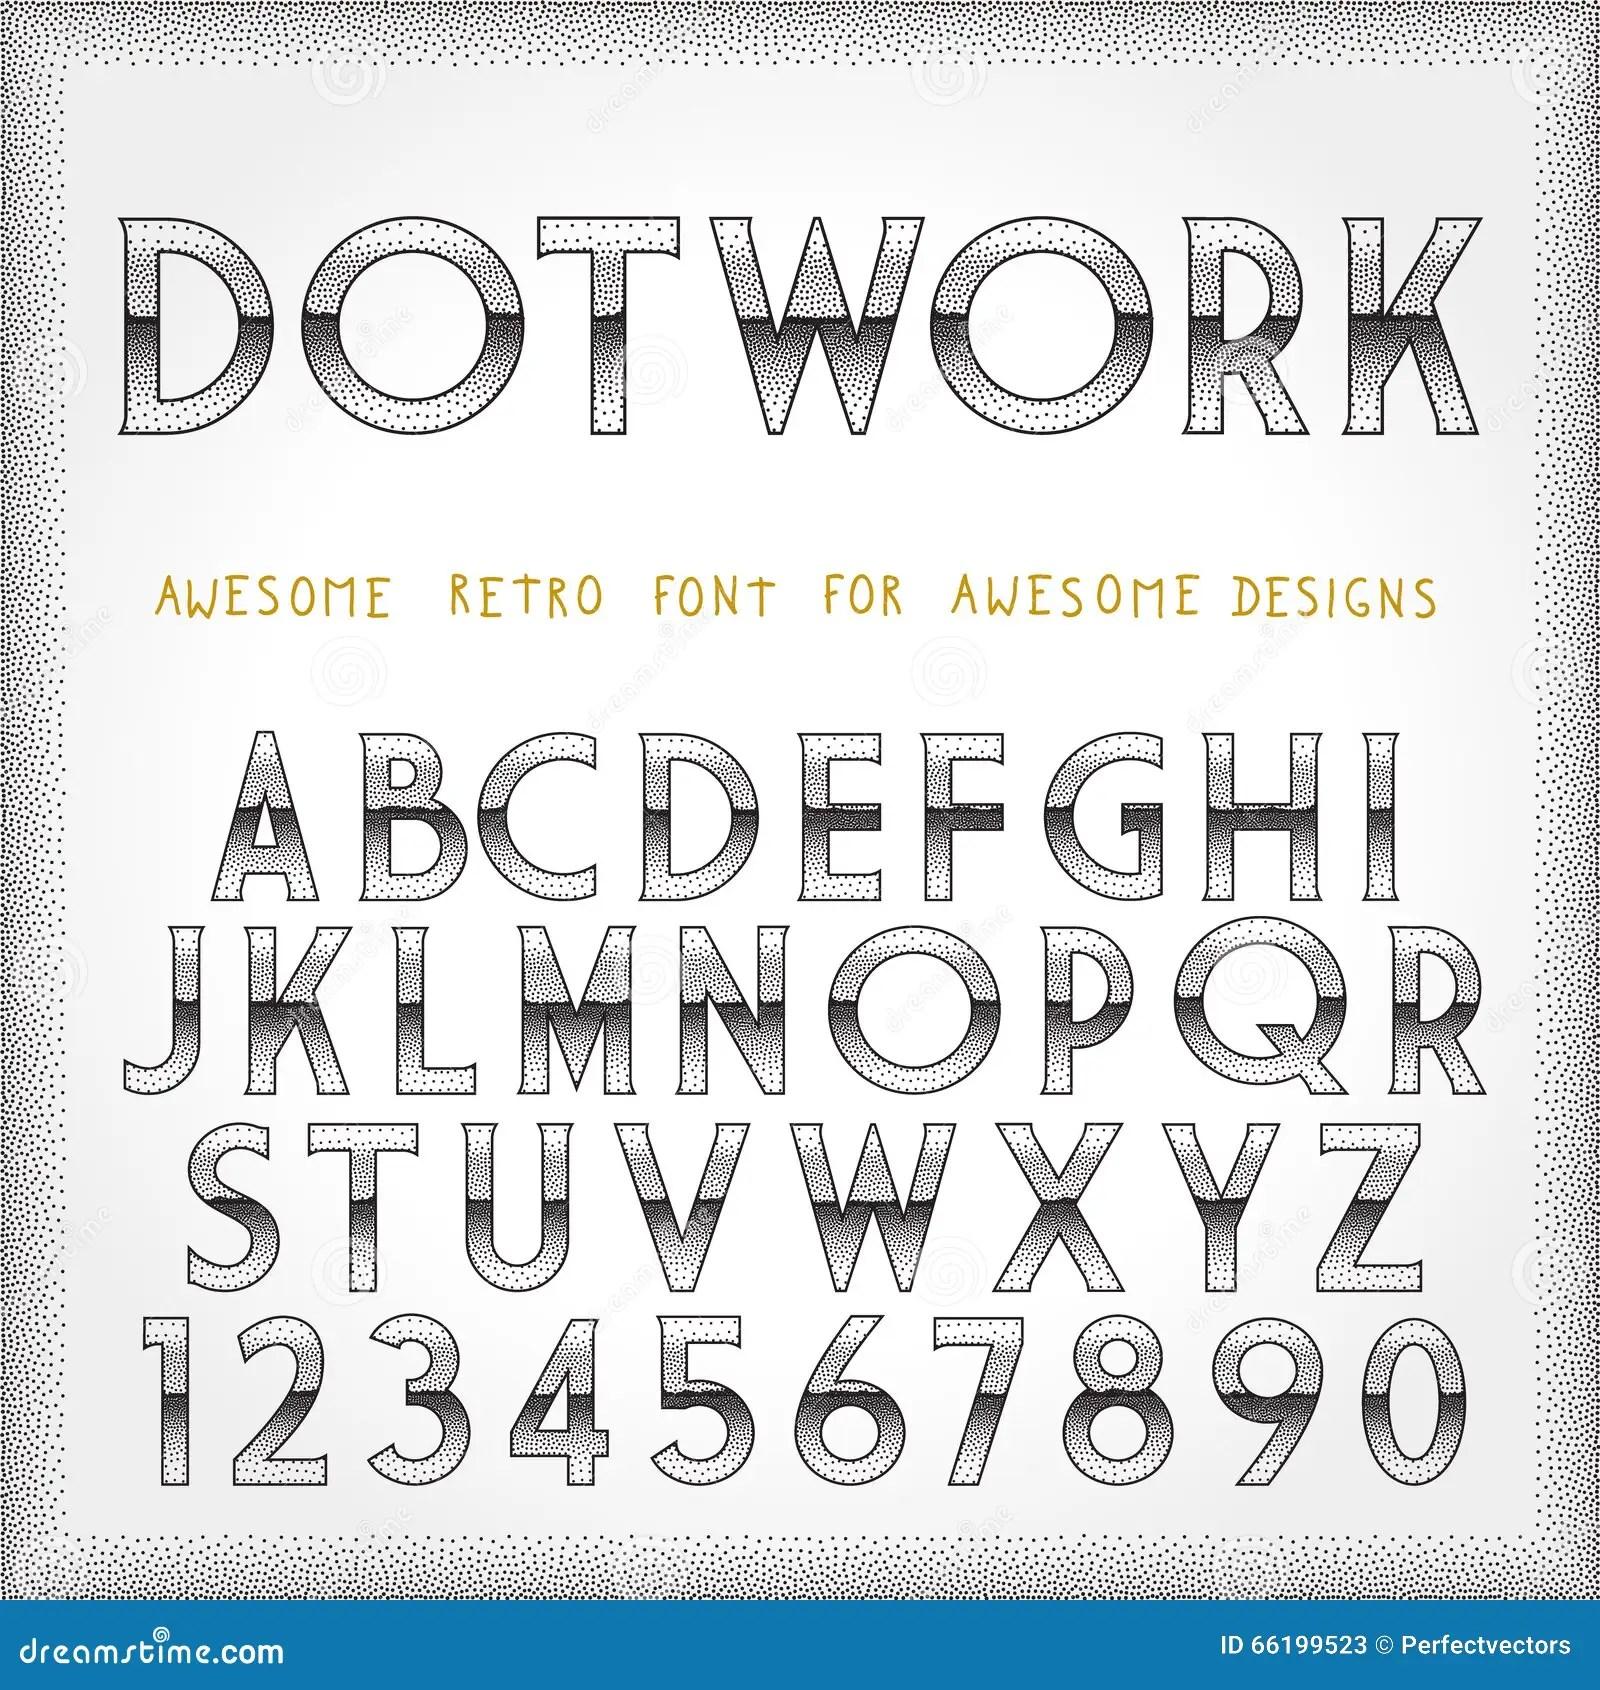 Light Tattoo Font Vector Illustration